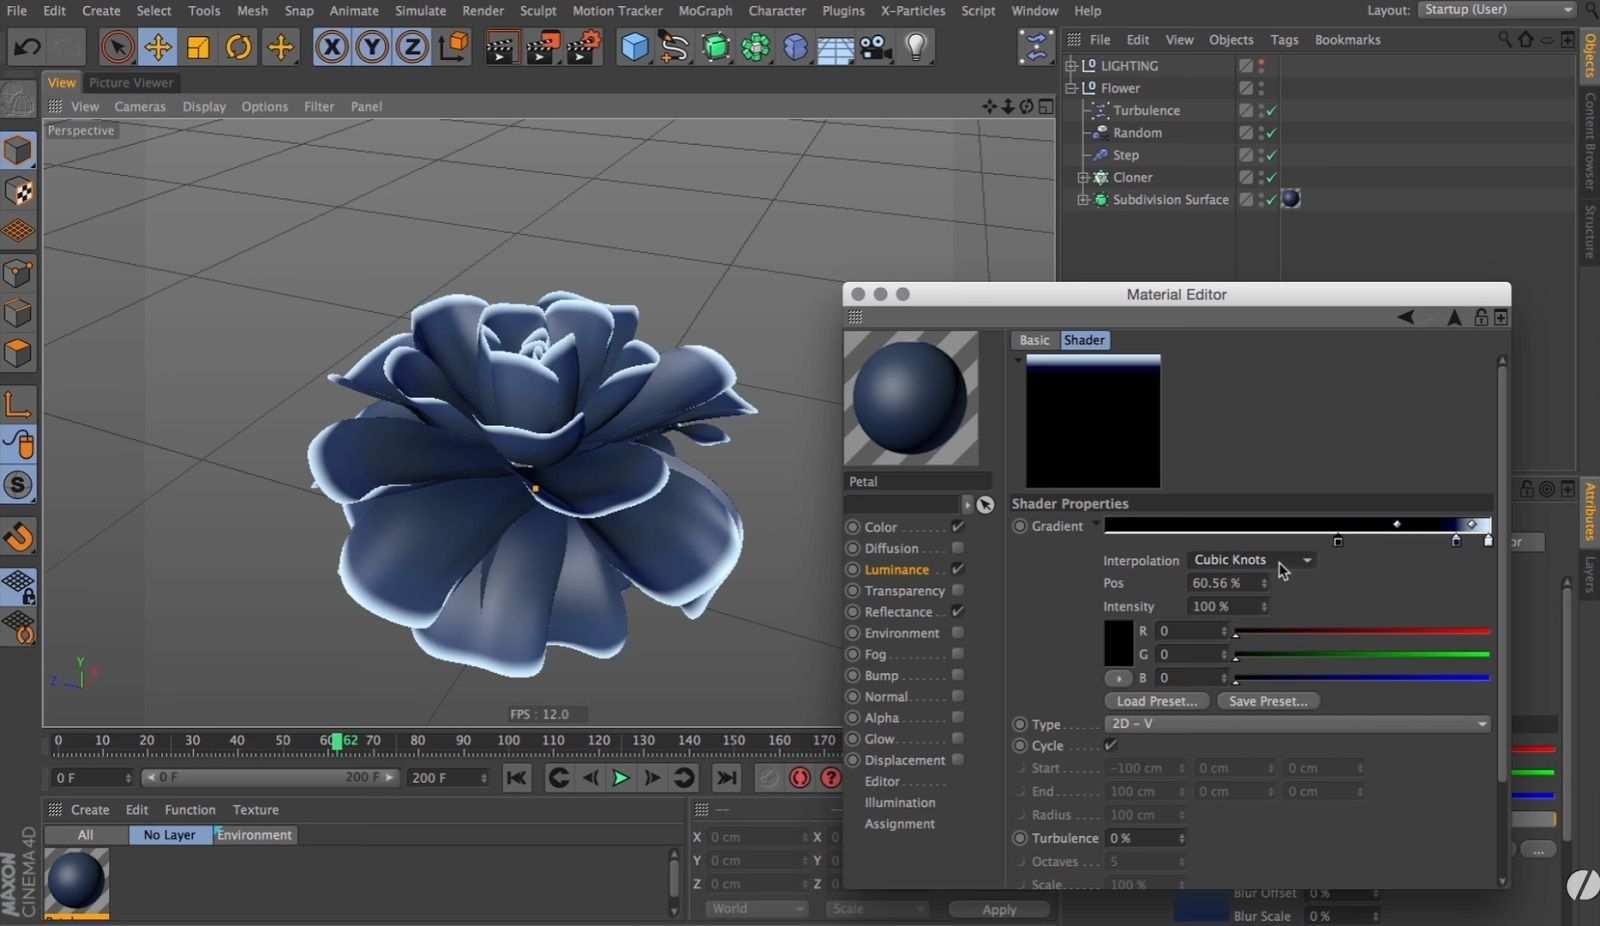 Making Infinite Blooming Flower With Cinema 4d Tutorial Cinema 4d Tutorial Cinema 4d Motion Graphics Tutorial